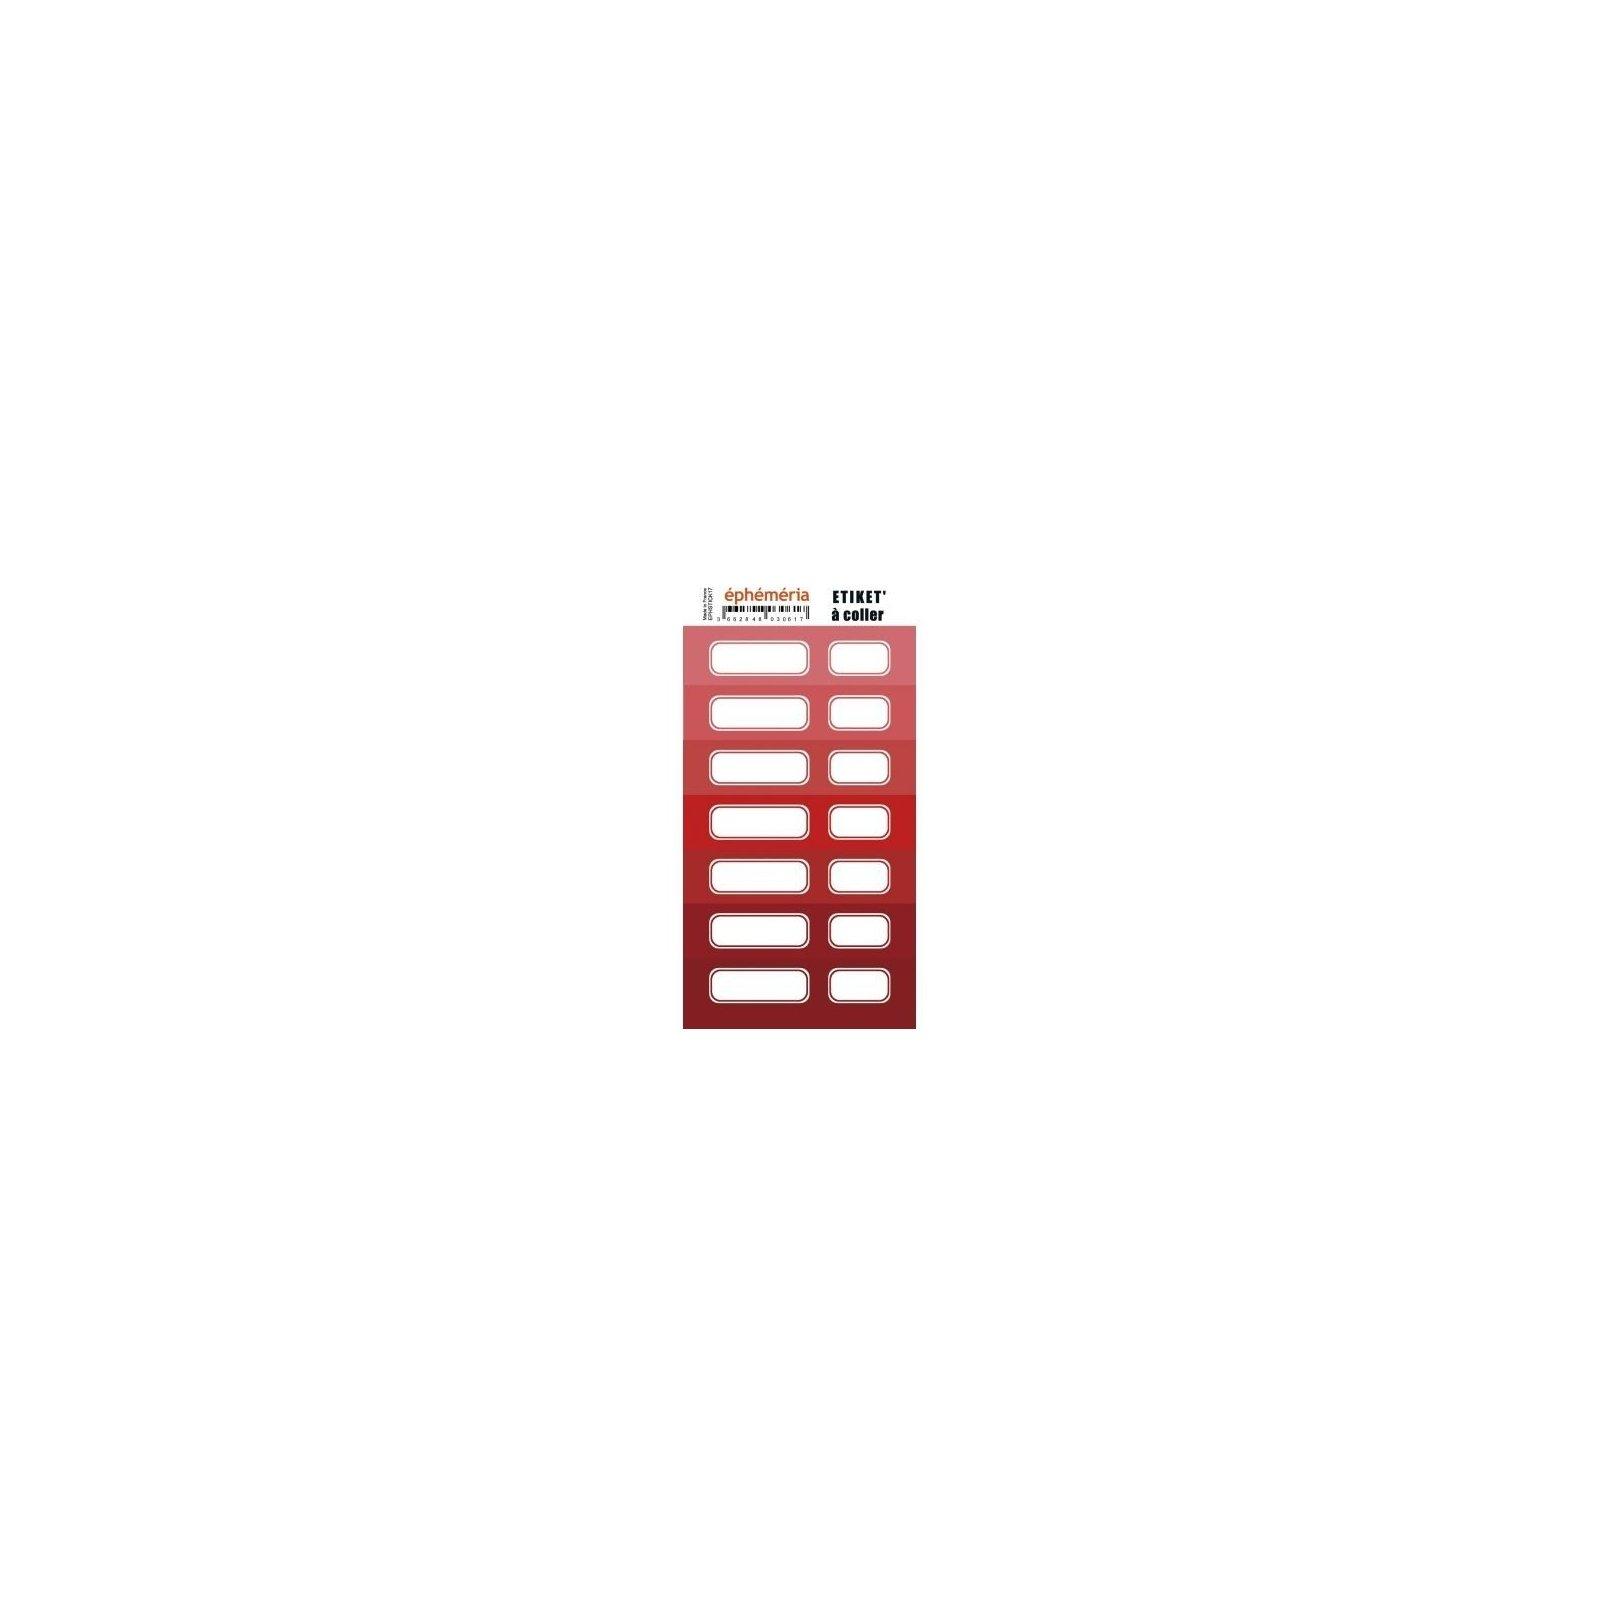 Planche d'étiquettes auto-collantes - Nuane rouge - Ephemeria